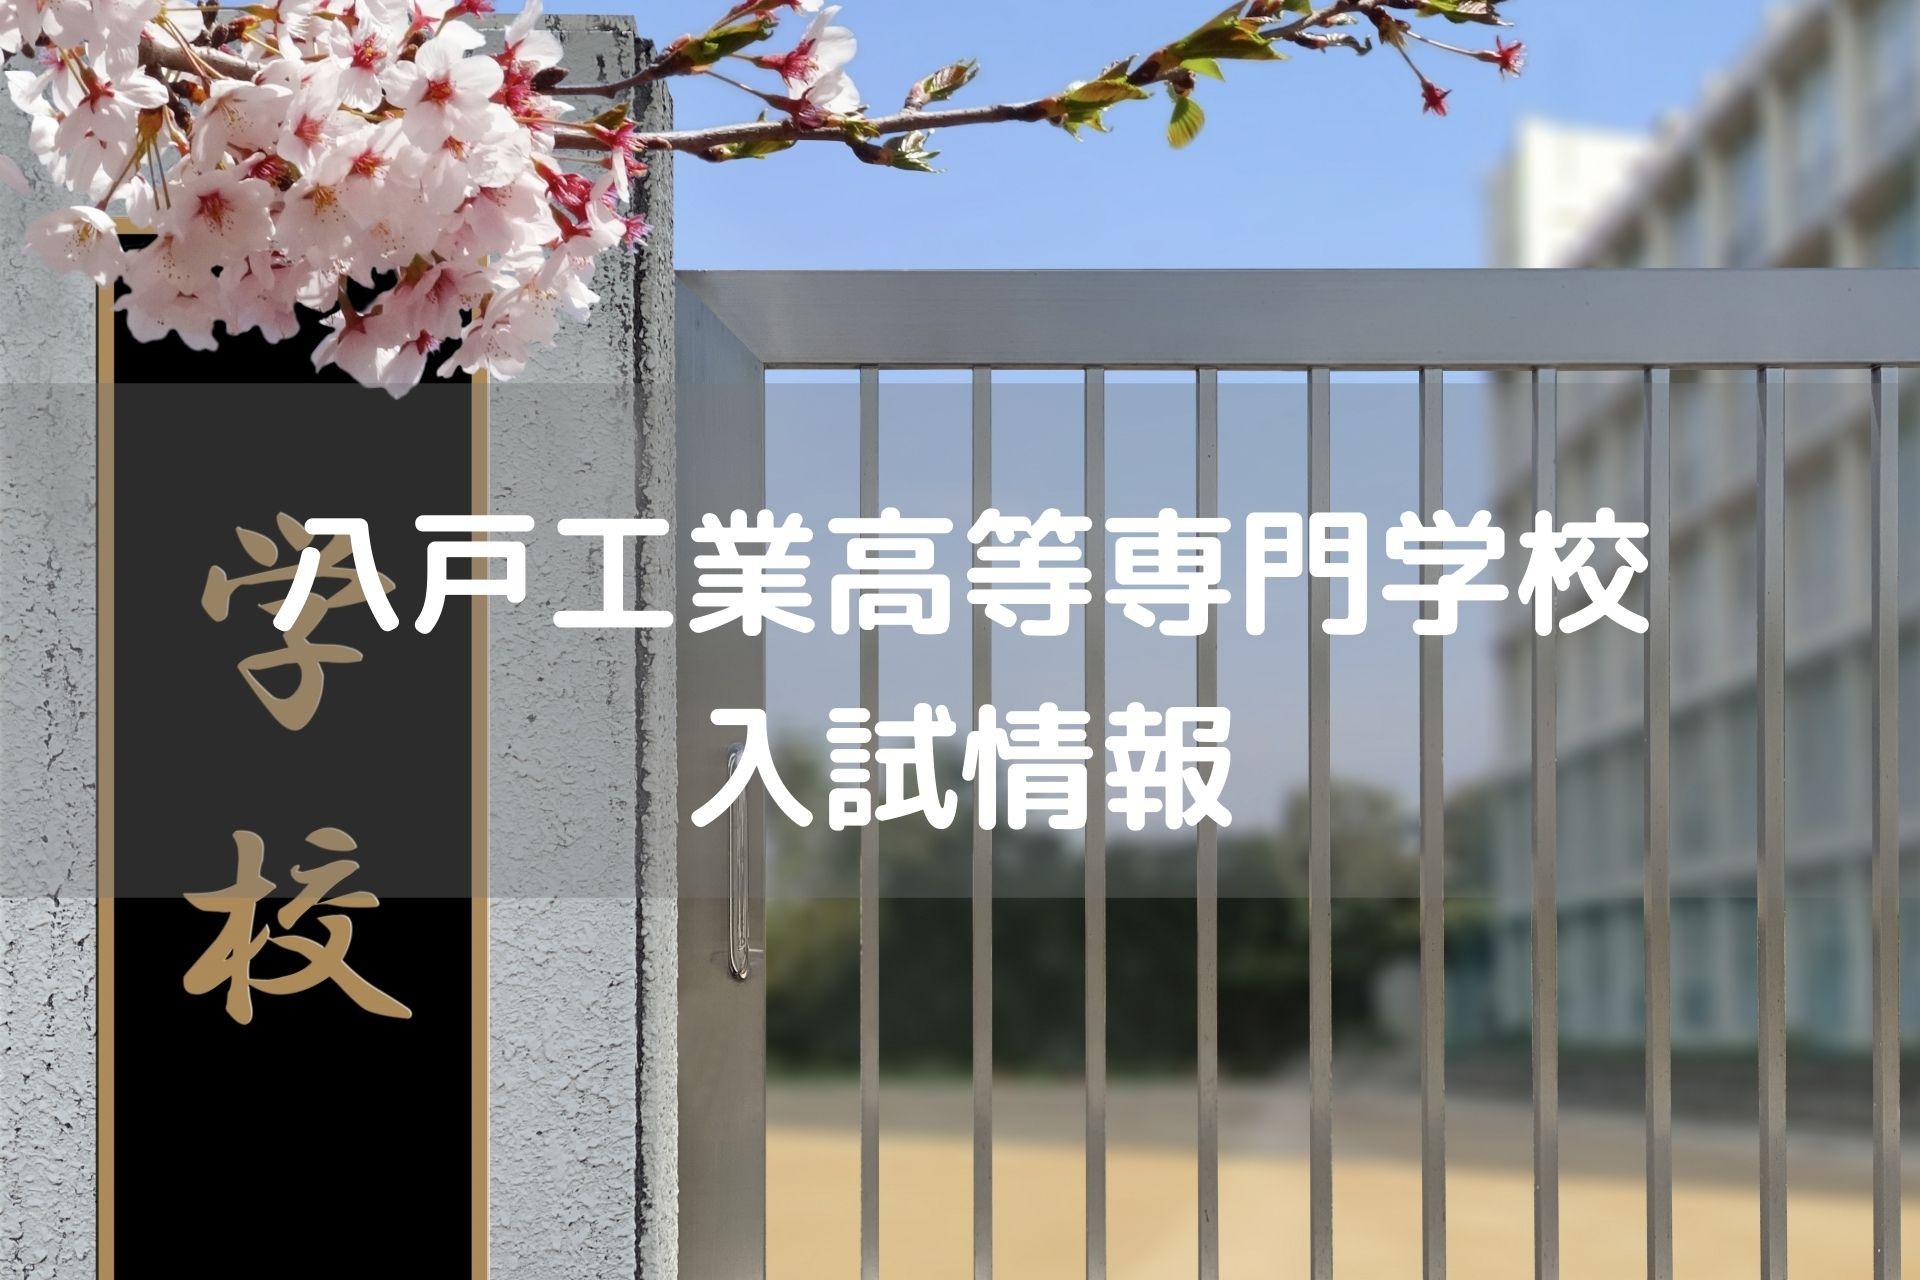 八戸高専の入試情報